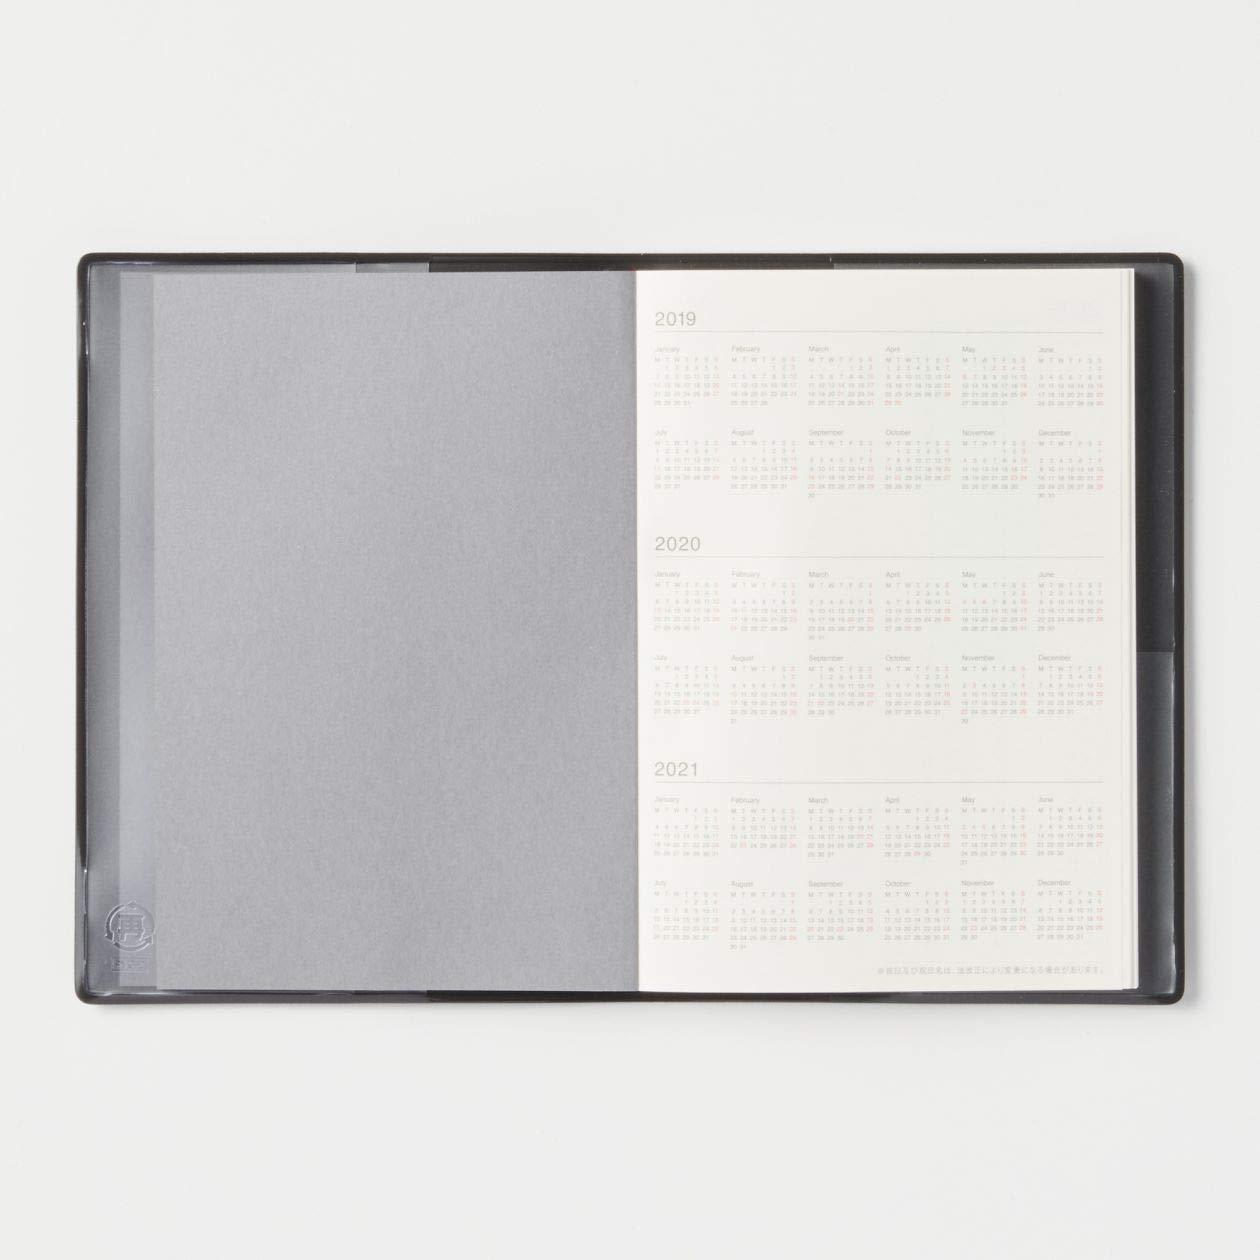 Amazon.com: MUJI 2019 - Agenda de papel fino (A6, tamaño 4,1 ...